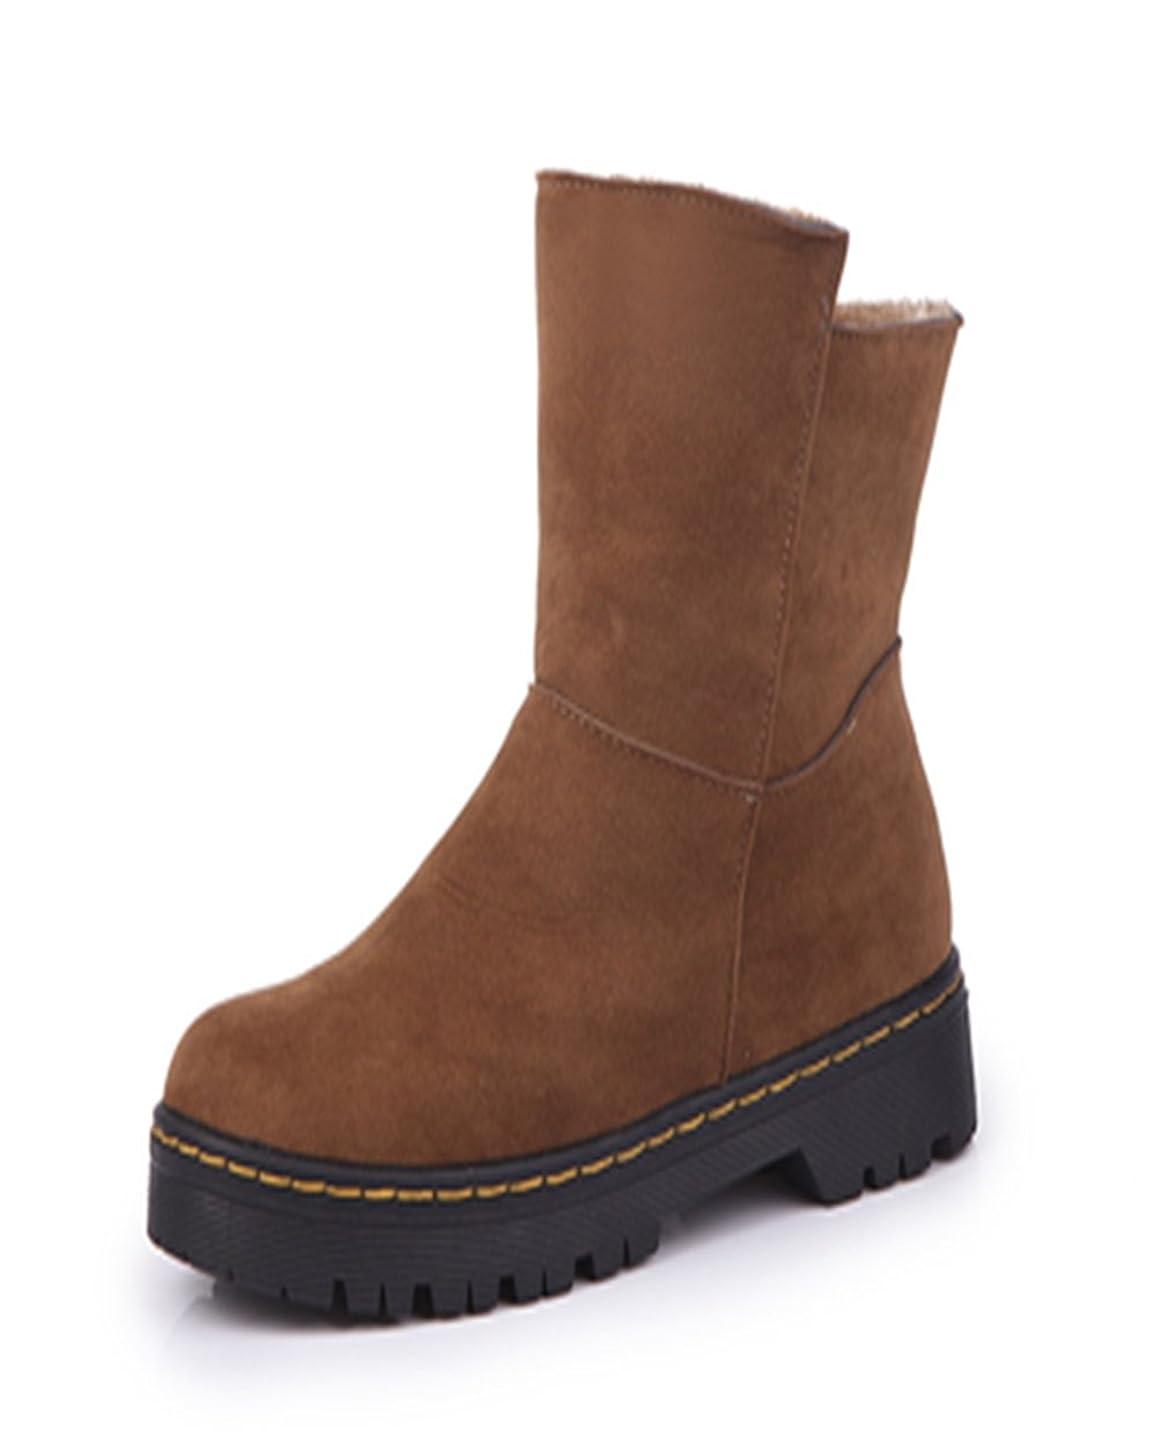 化学肥料ペレット[HONGJING] ショートブーツ シンプル 歩きやすい 厚底 レディース スエード 黒 暖かい 秋冬 ミドルヒール 安定感 歩きやすい 痛くない 美脚 脚長 3色 黒 ブラック グリーン ブラウンー